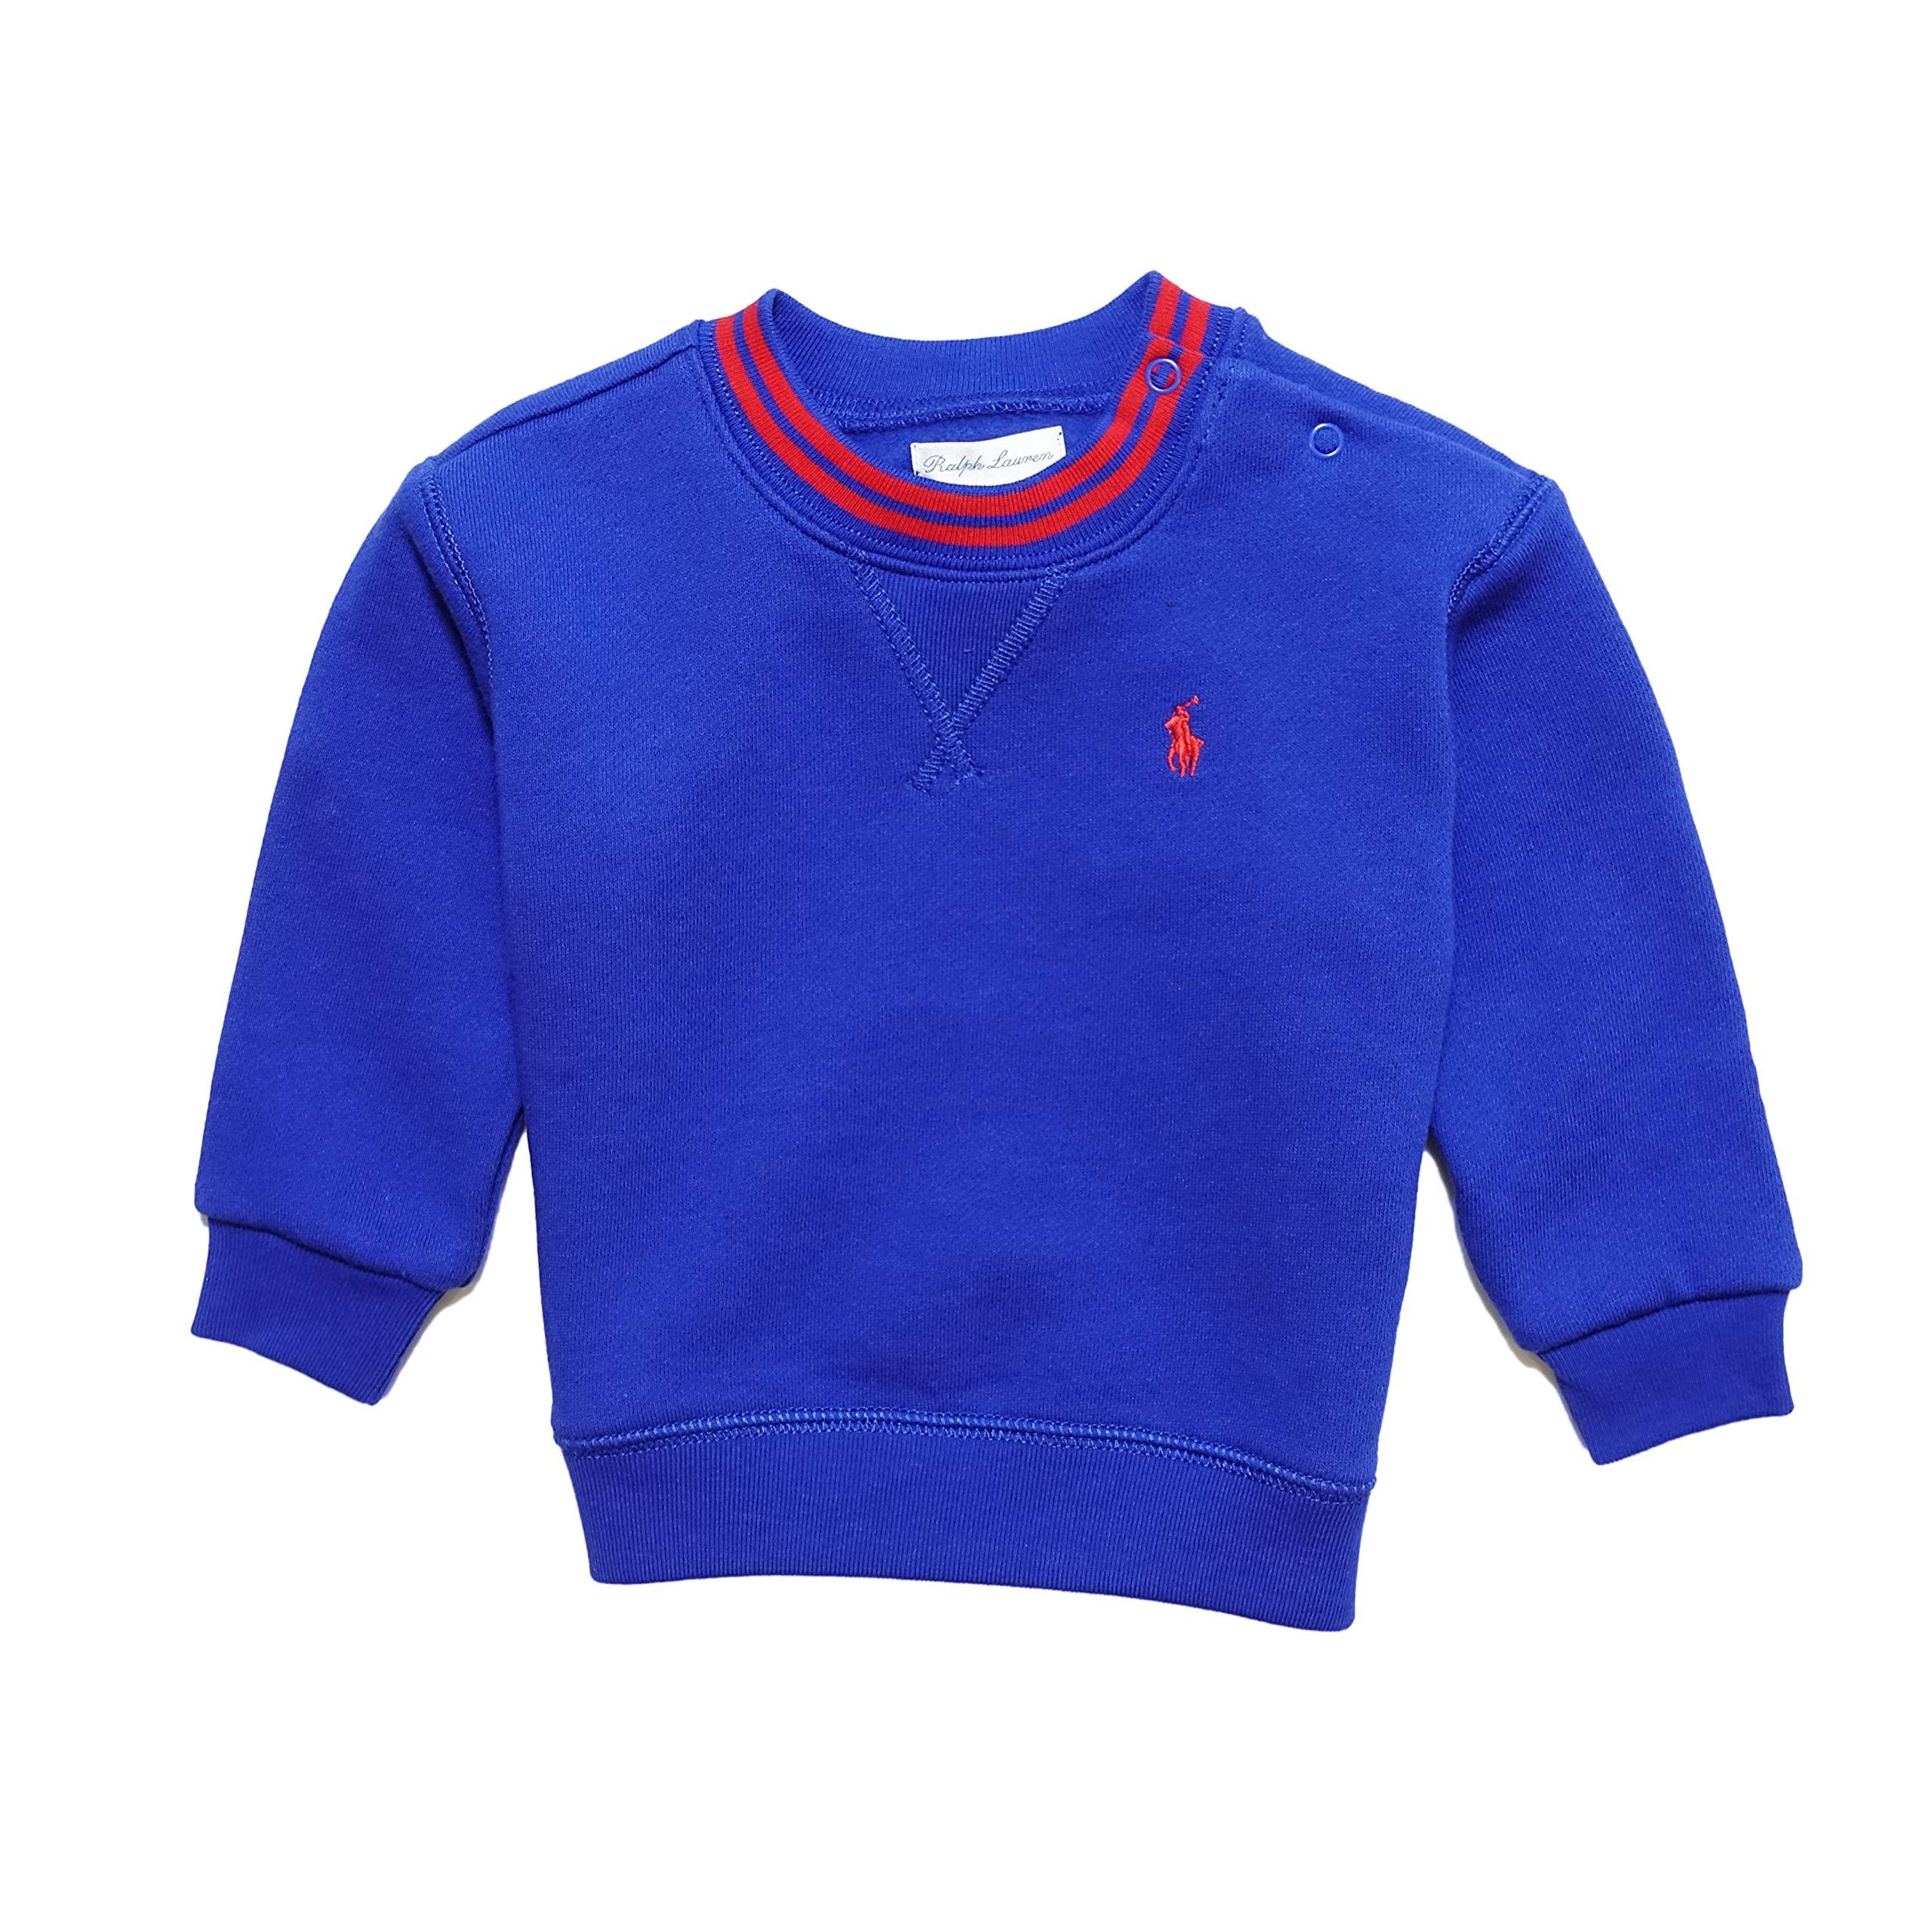 Ralph Lauren Baby Cotton Cotton-Blend-Fleece Sweatshirt 9m